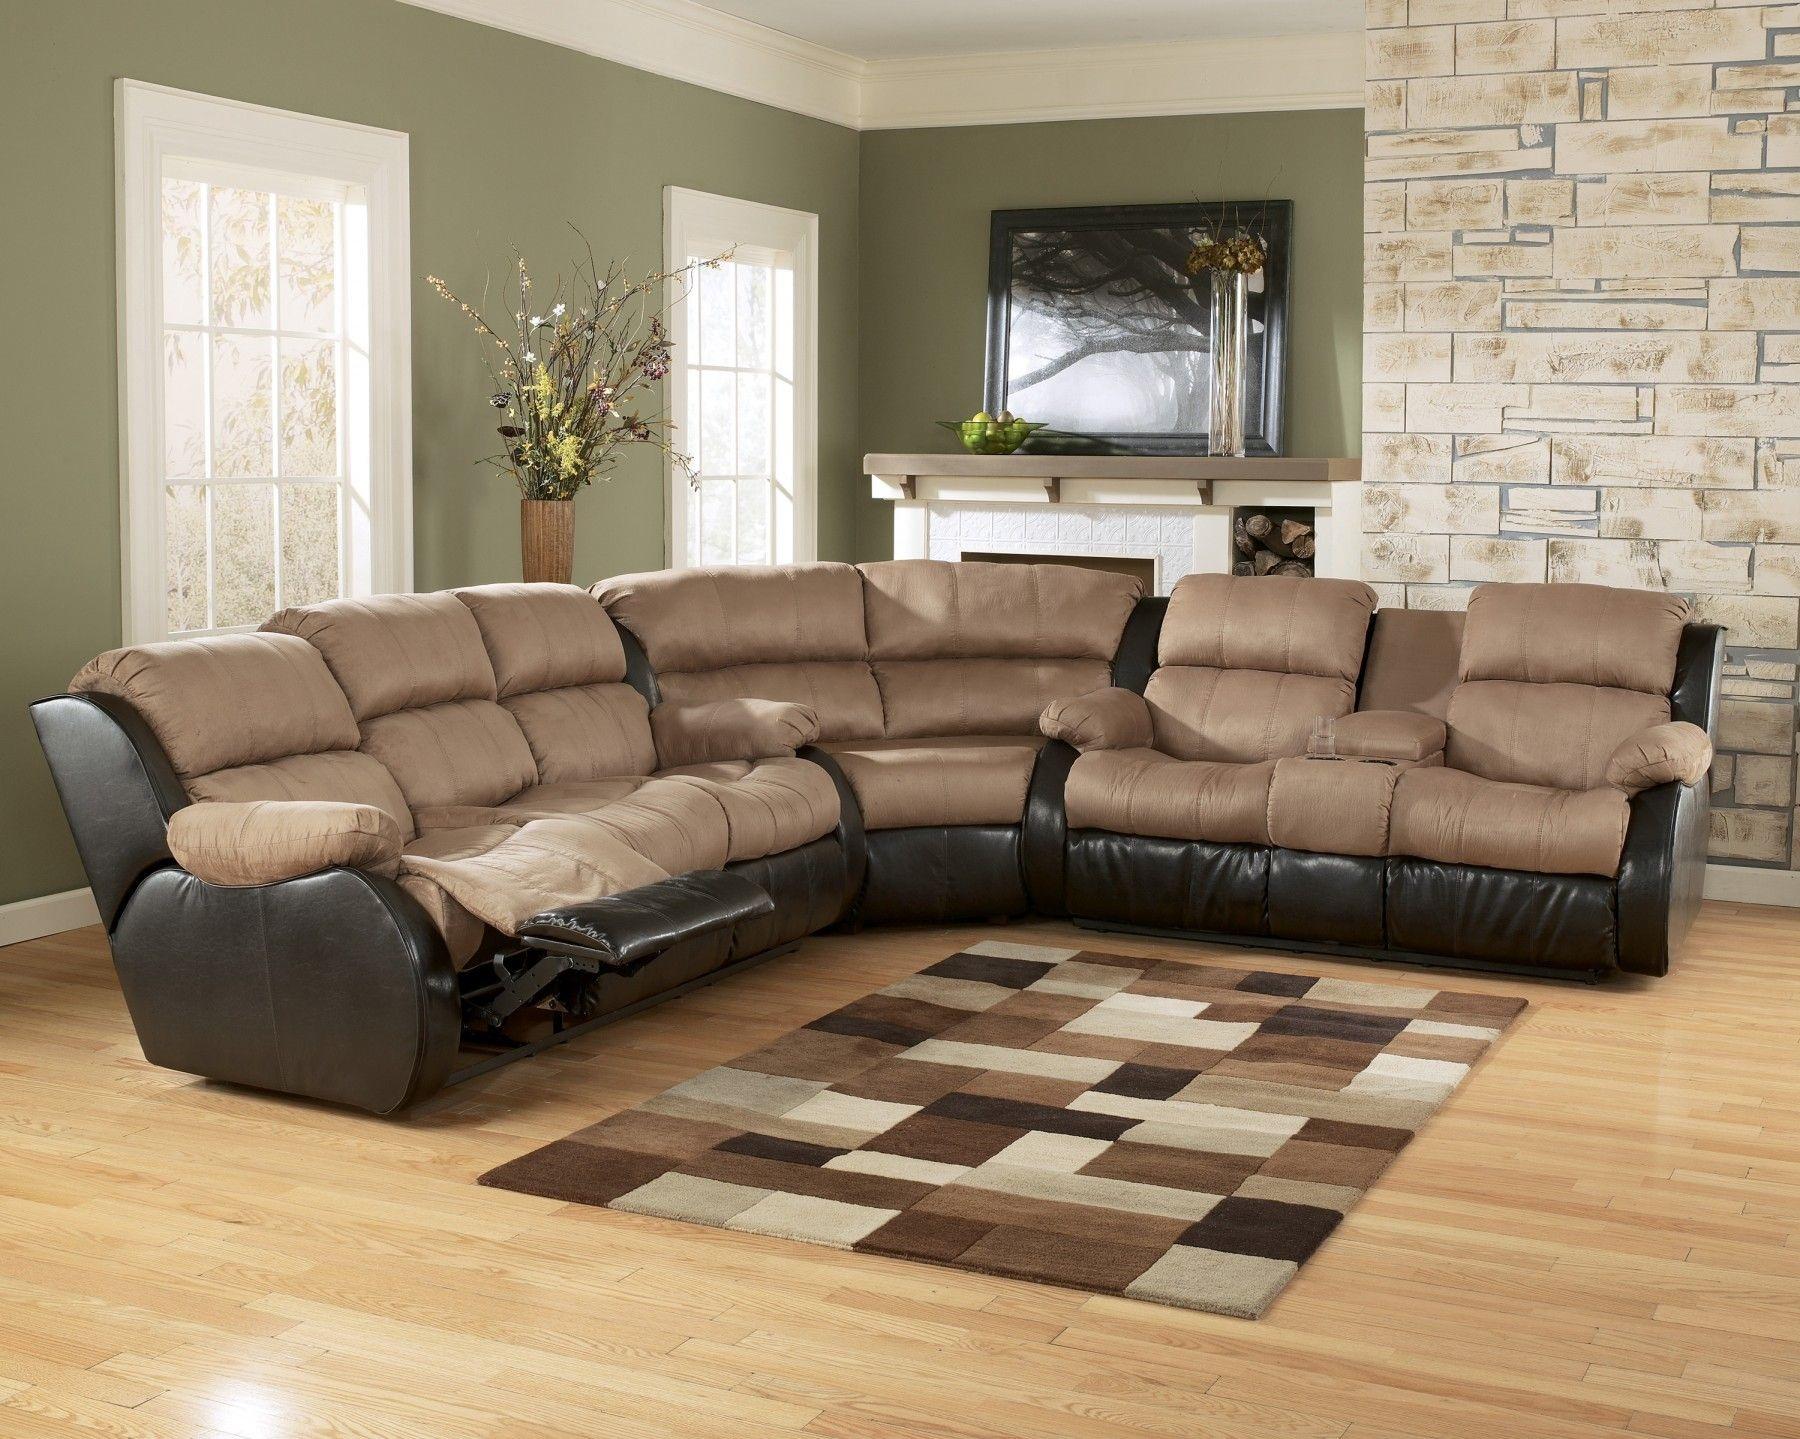 canapé d'angle inclinable dans le salon